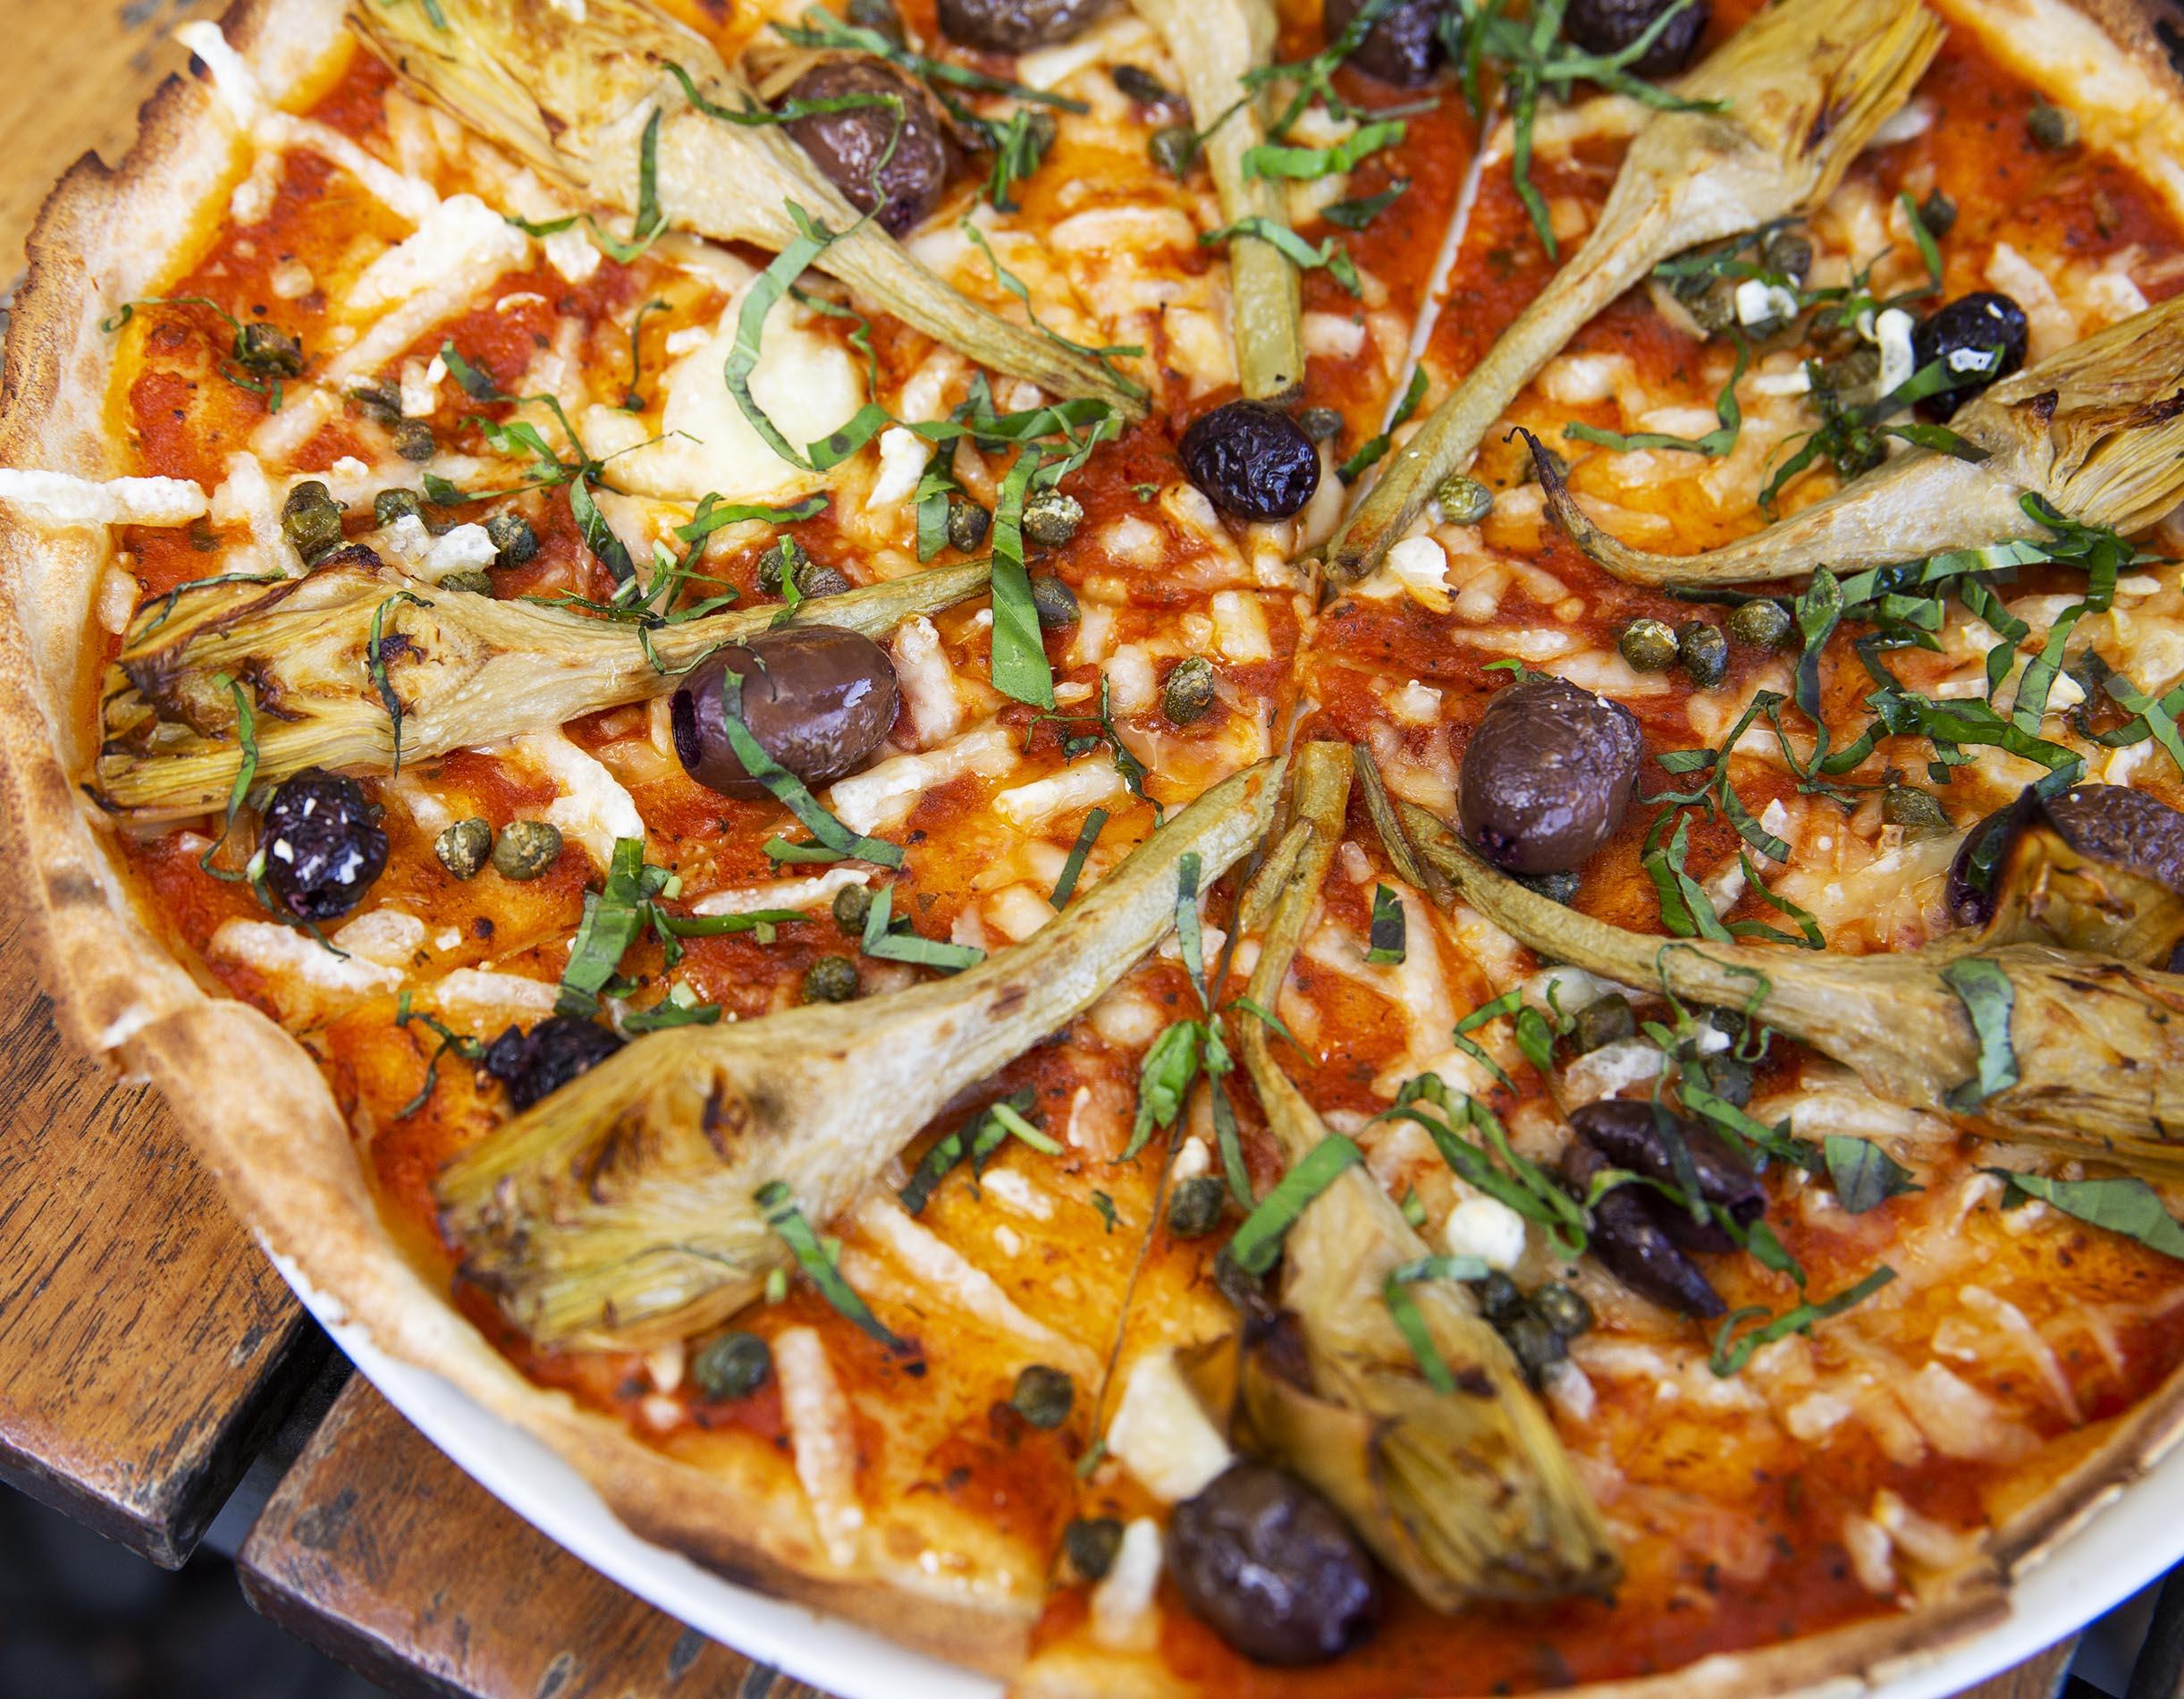 Winter Menu 2021 - Puttanesca Pizza